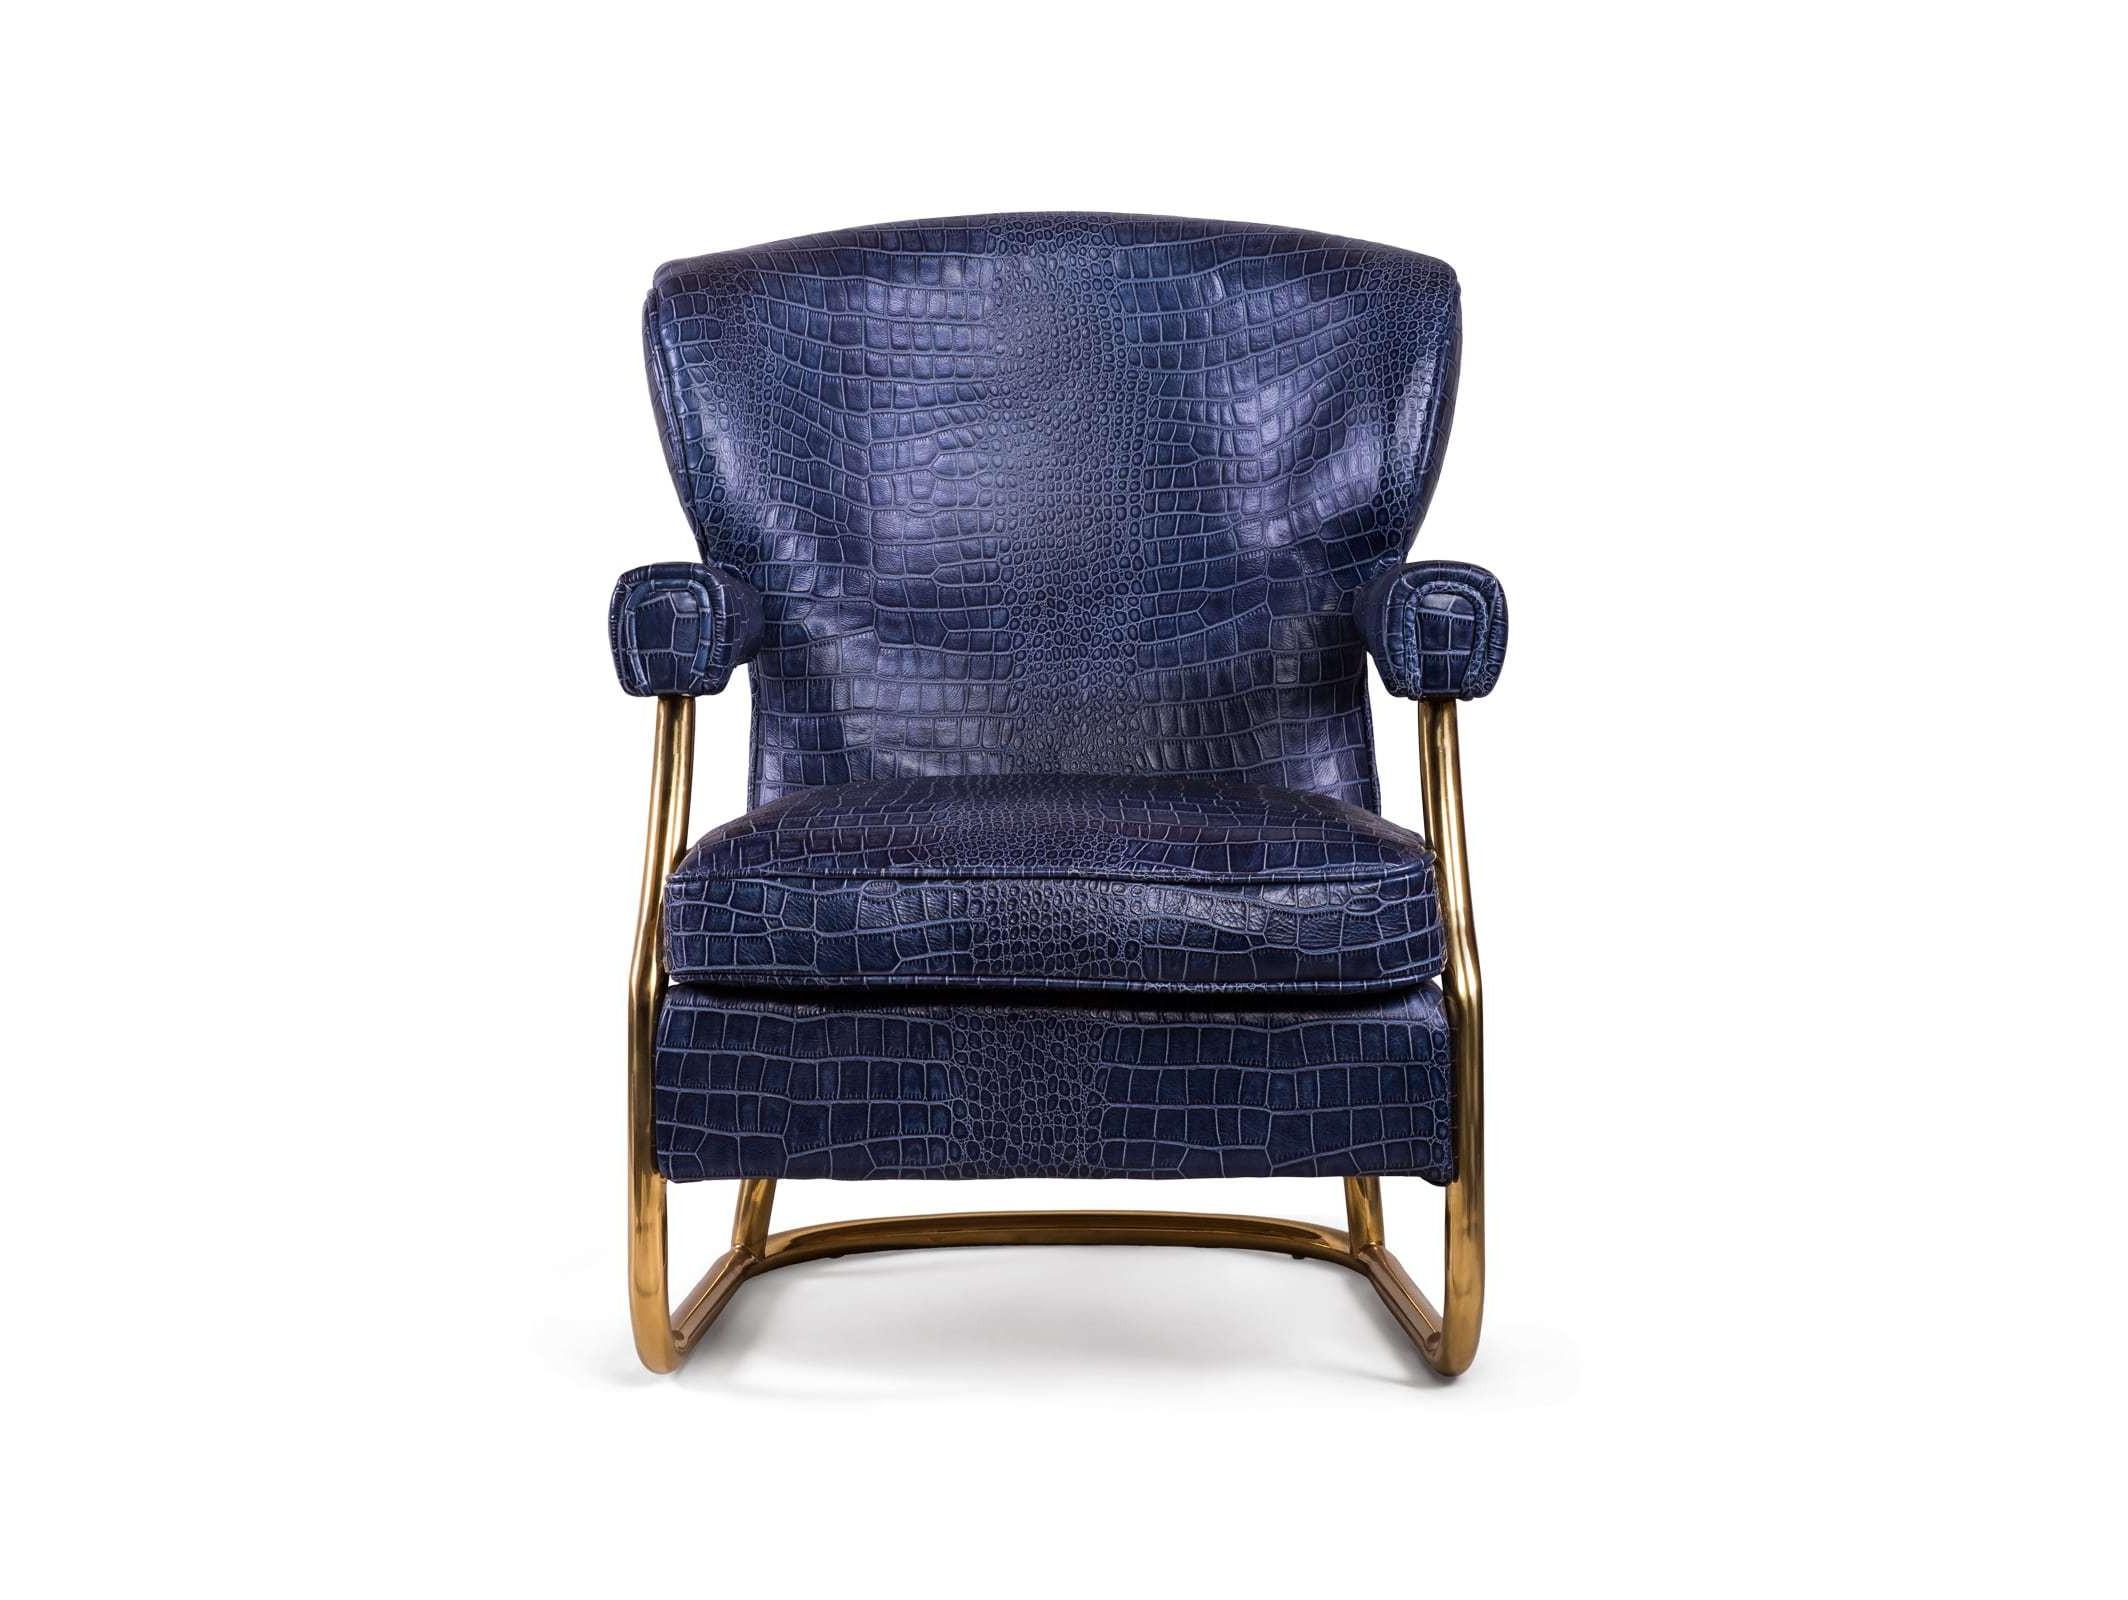 Кресло OrneИнтерьерные кресла<br><br><br>Material: Экокожа<br>Ширина см: 87<br>Высота см: 90<br>Глубина см: 70